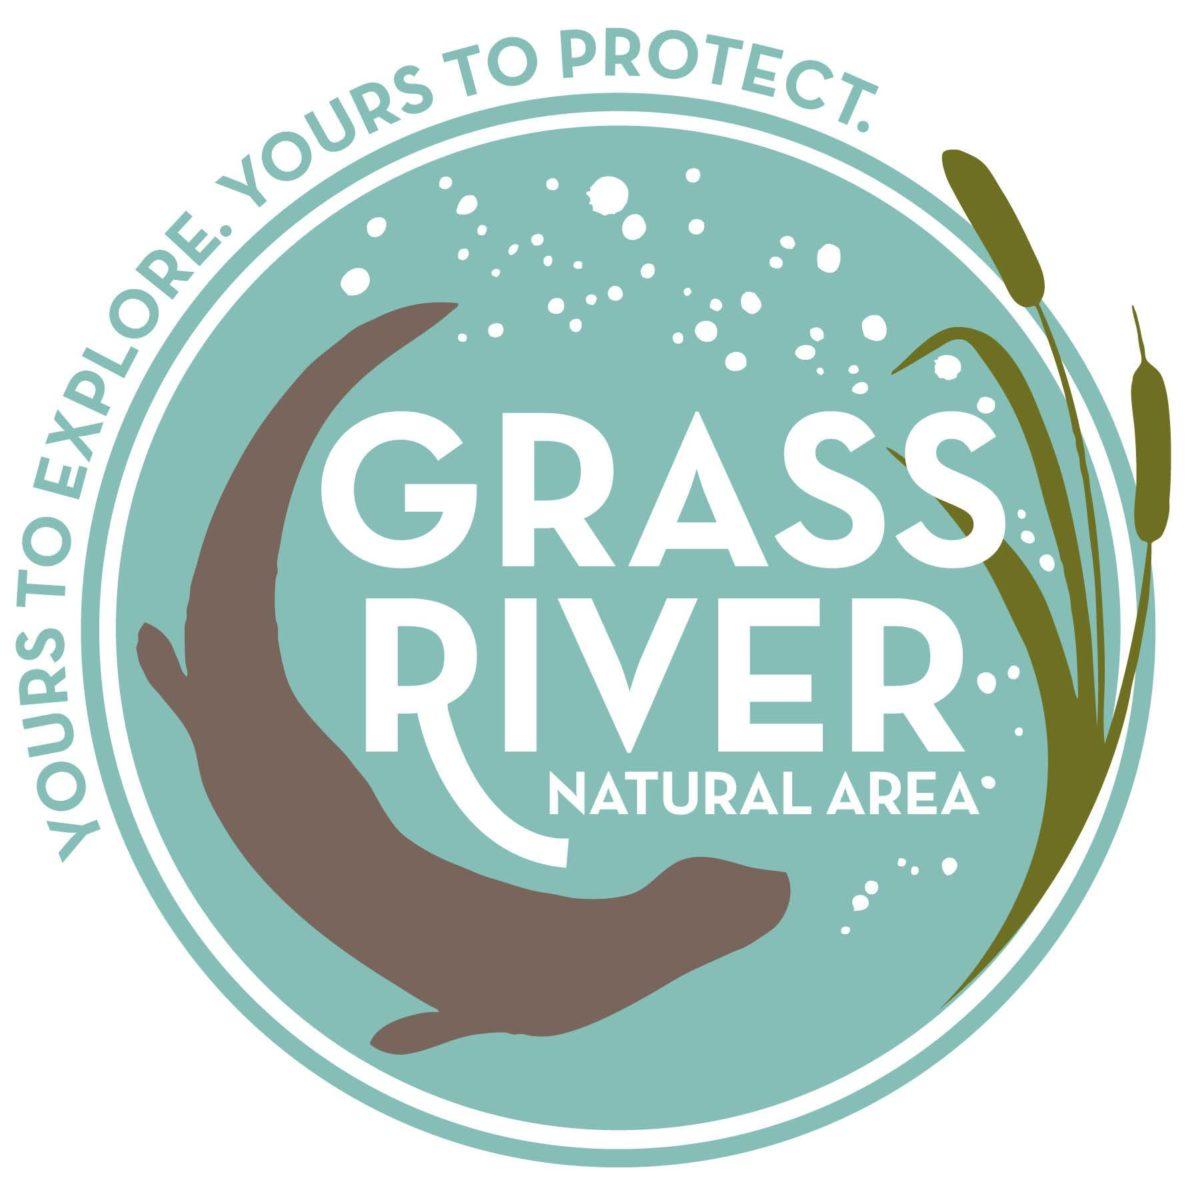 Grass River is Hiring – Development Coordinator